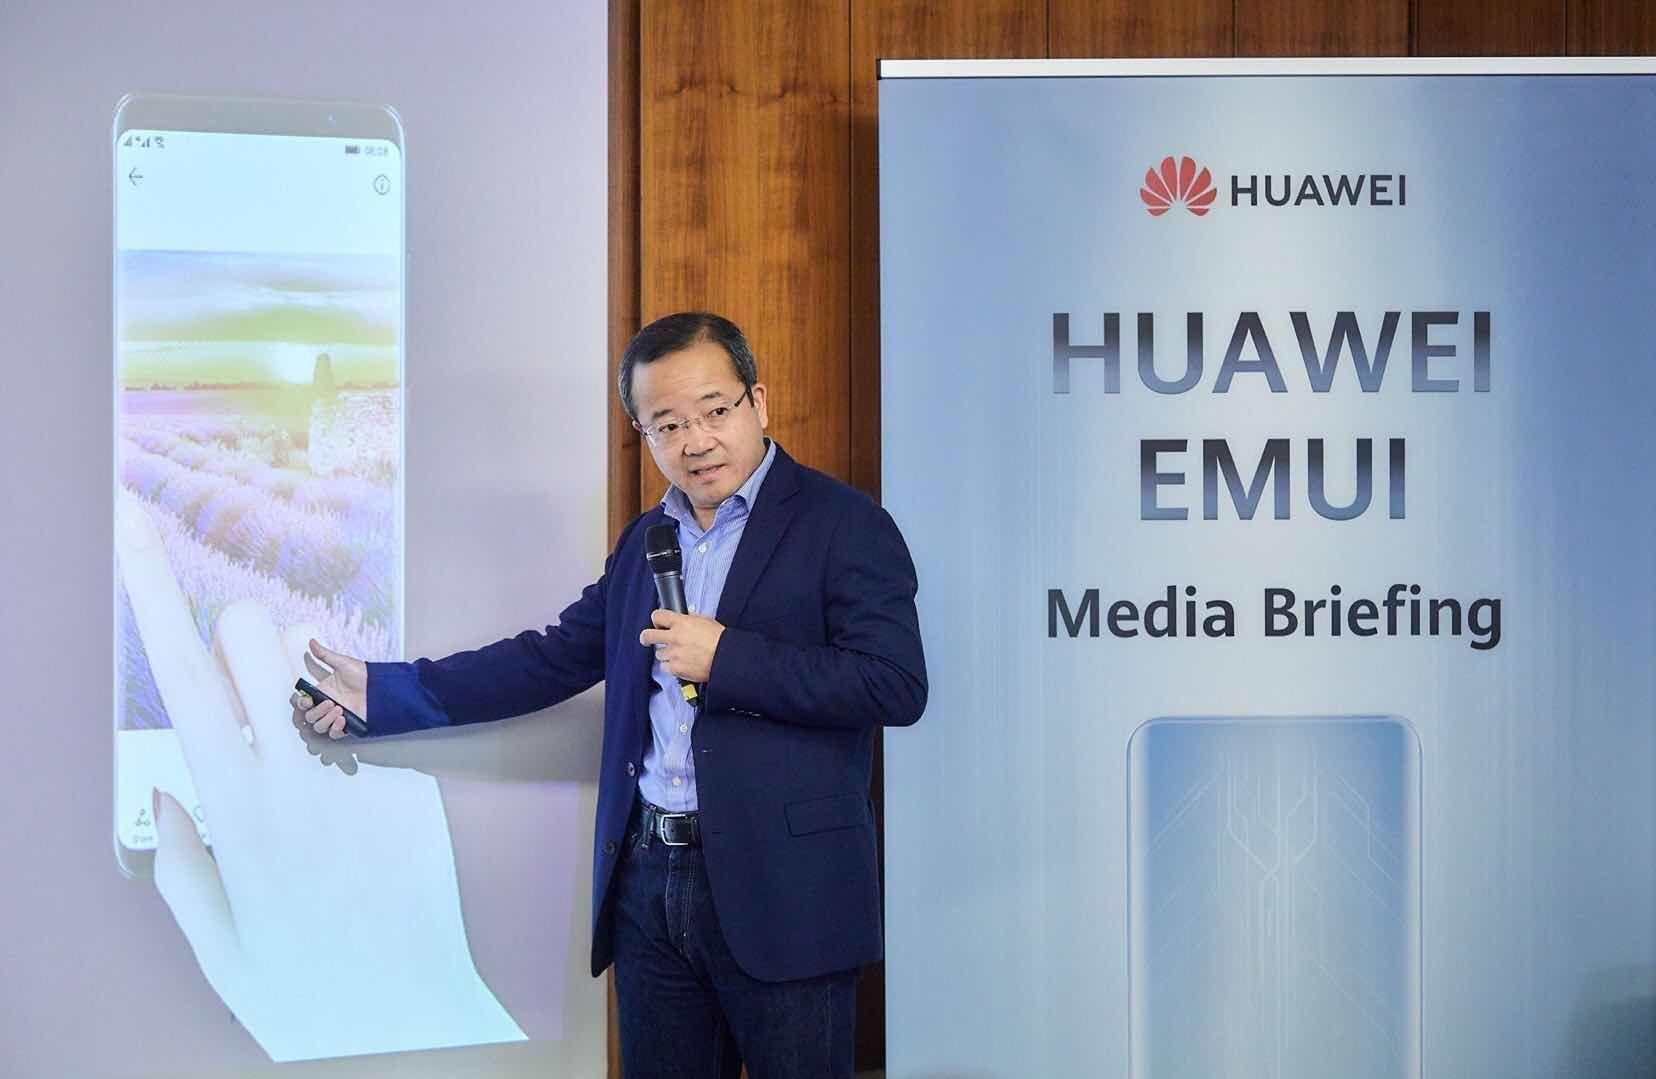 Huawei выпустила EMUI 9.0 для смартфонов. Покабета.Что нового воболочке?